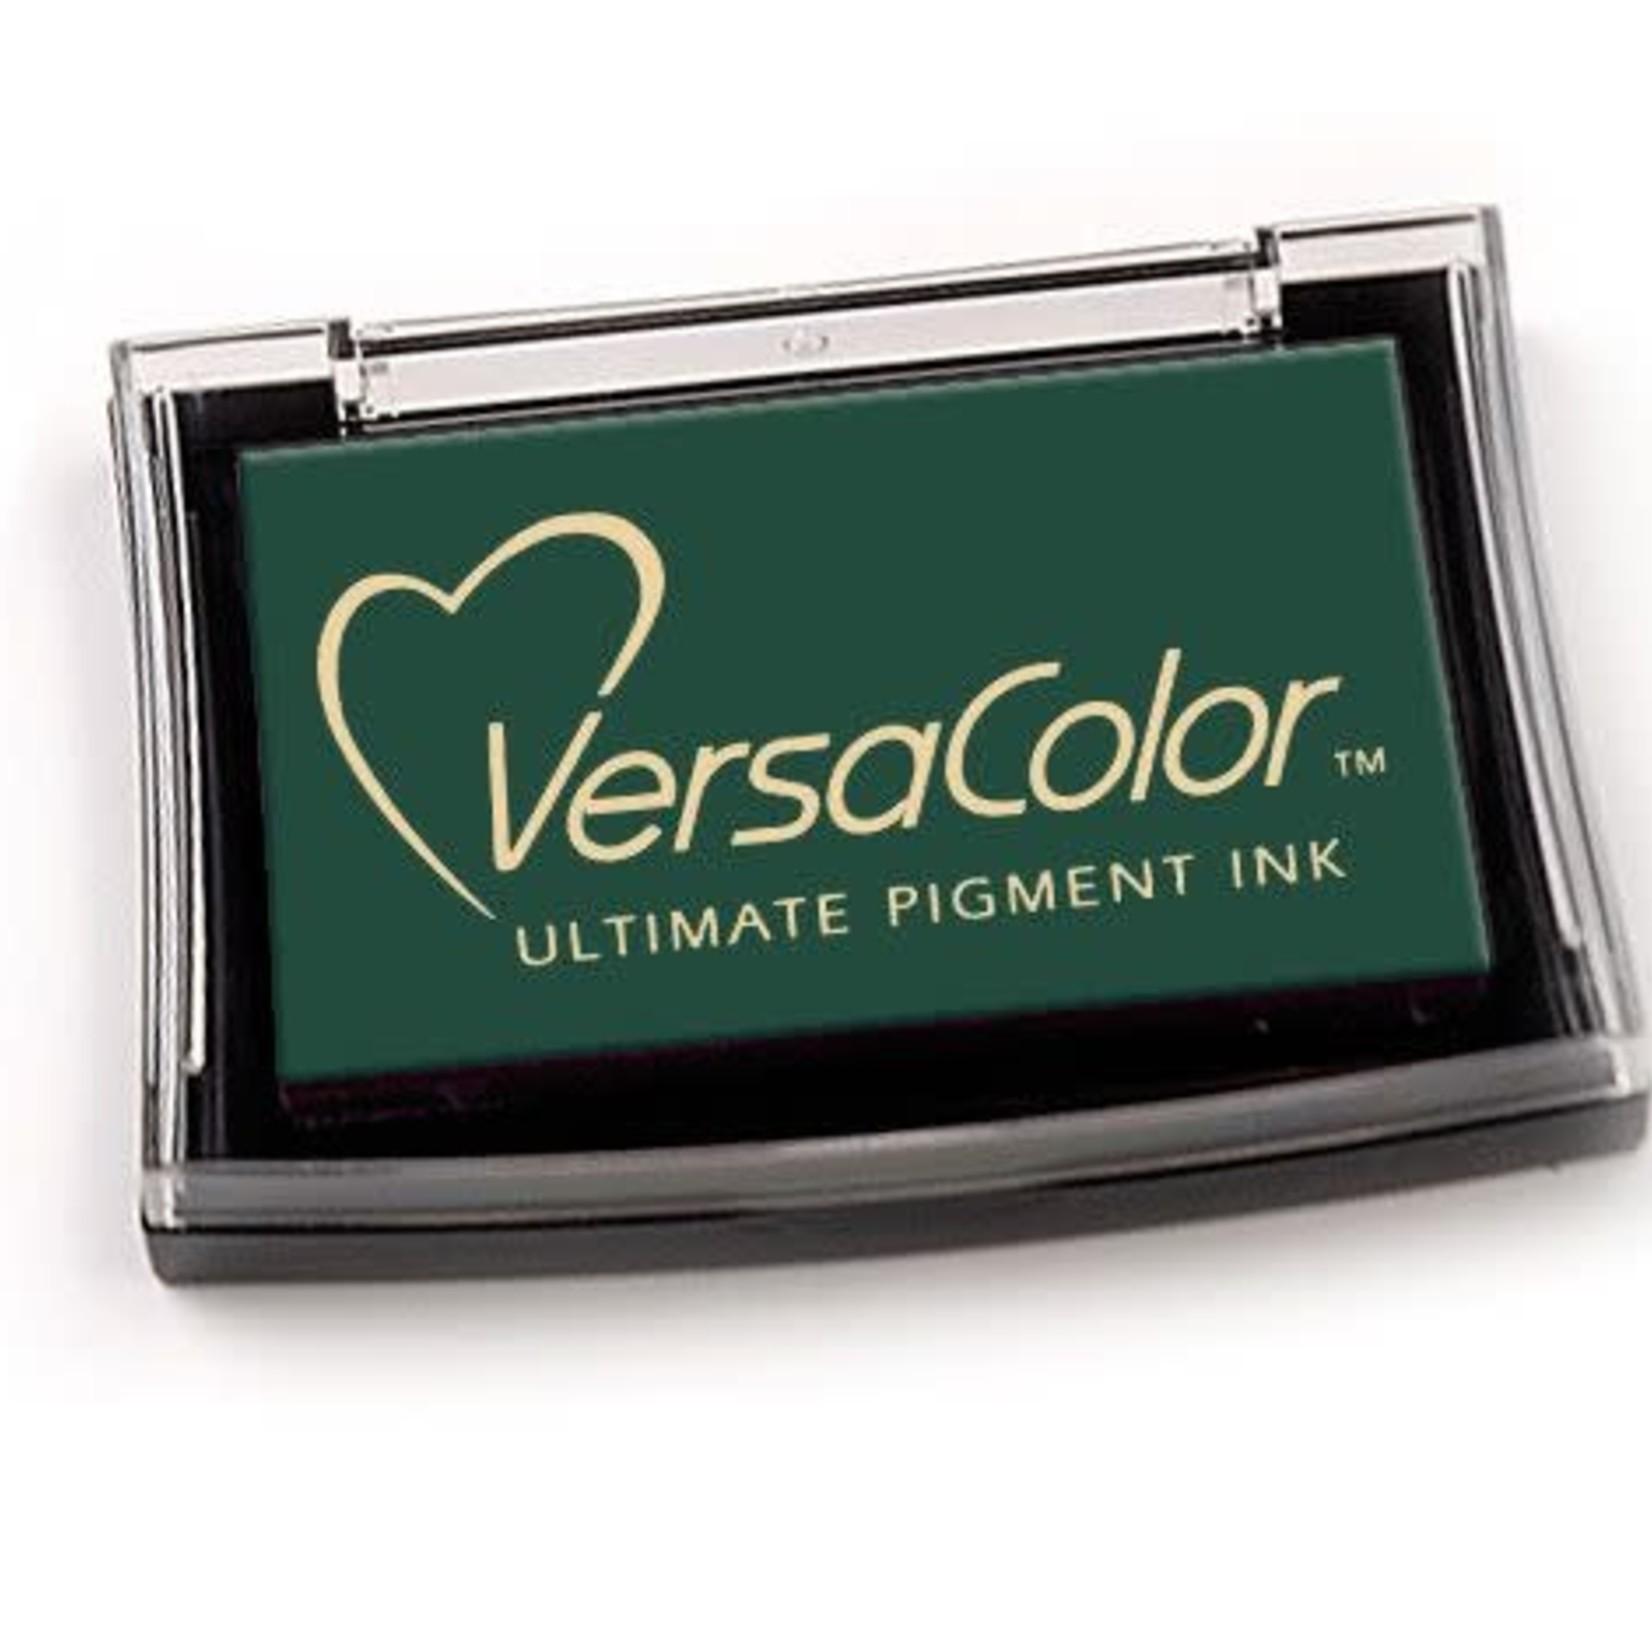 VersaColor VersaColor Pigimate Ink Evergreen